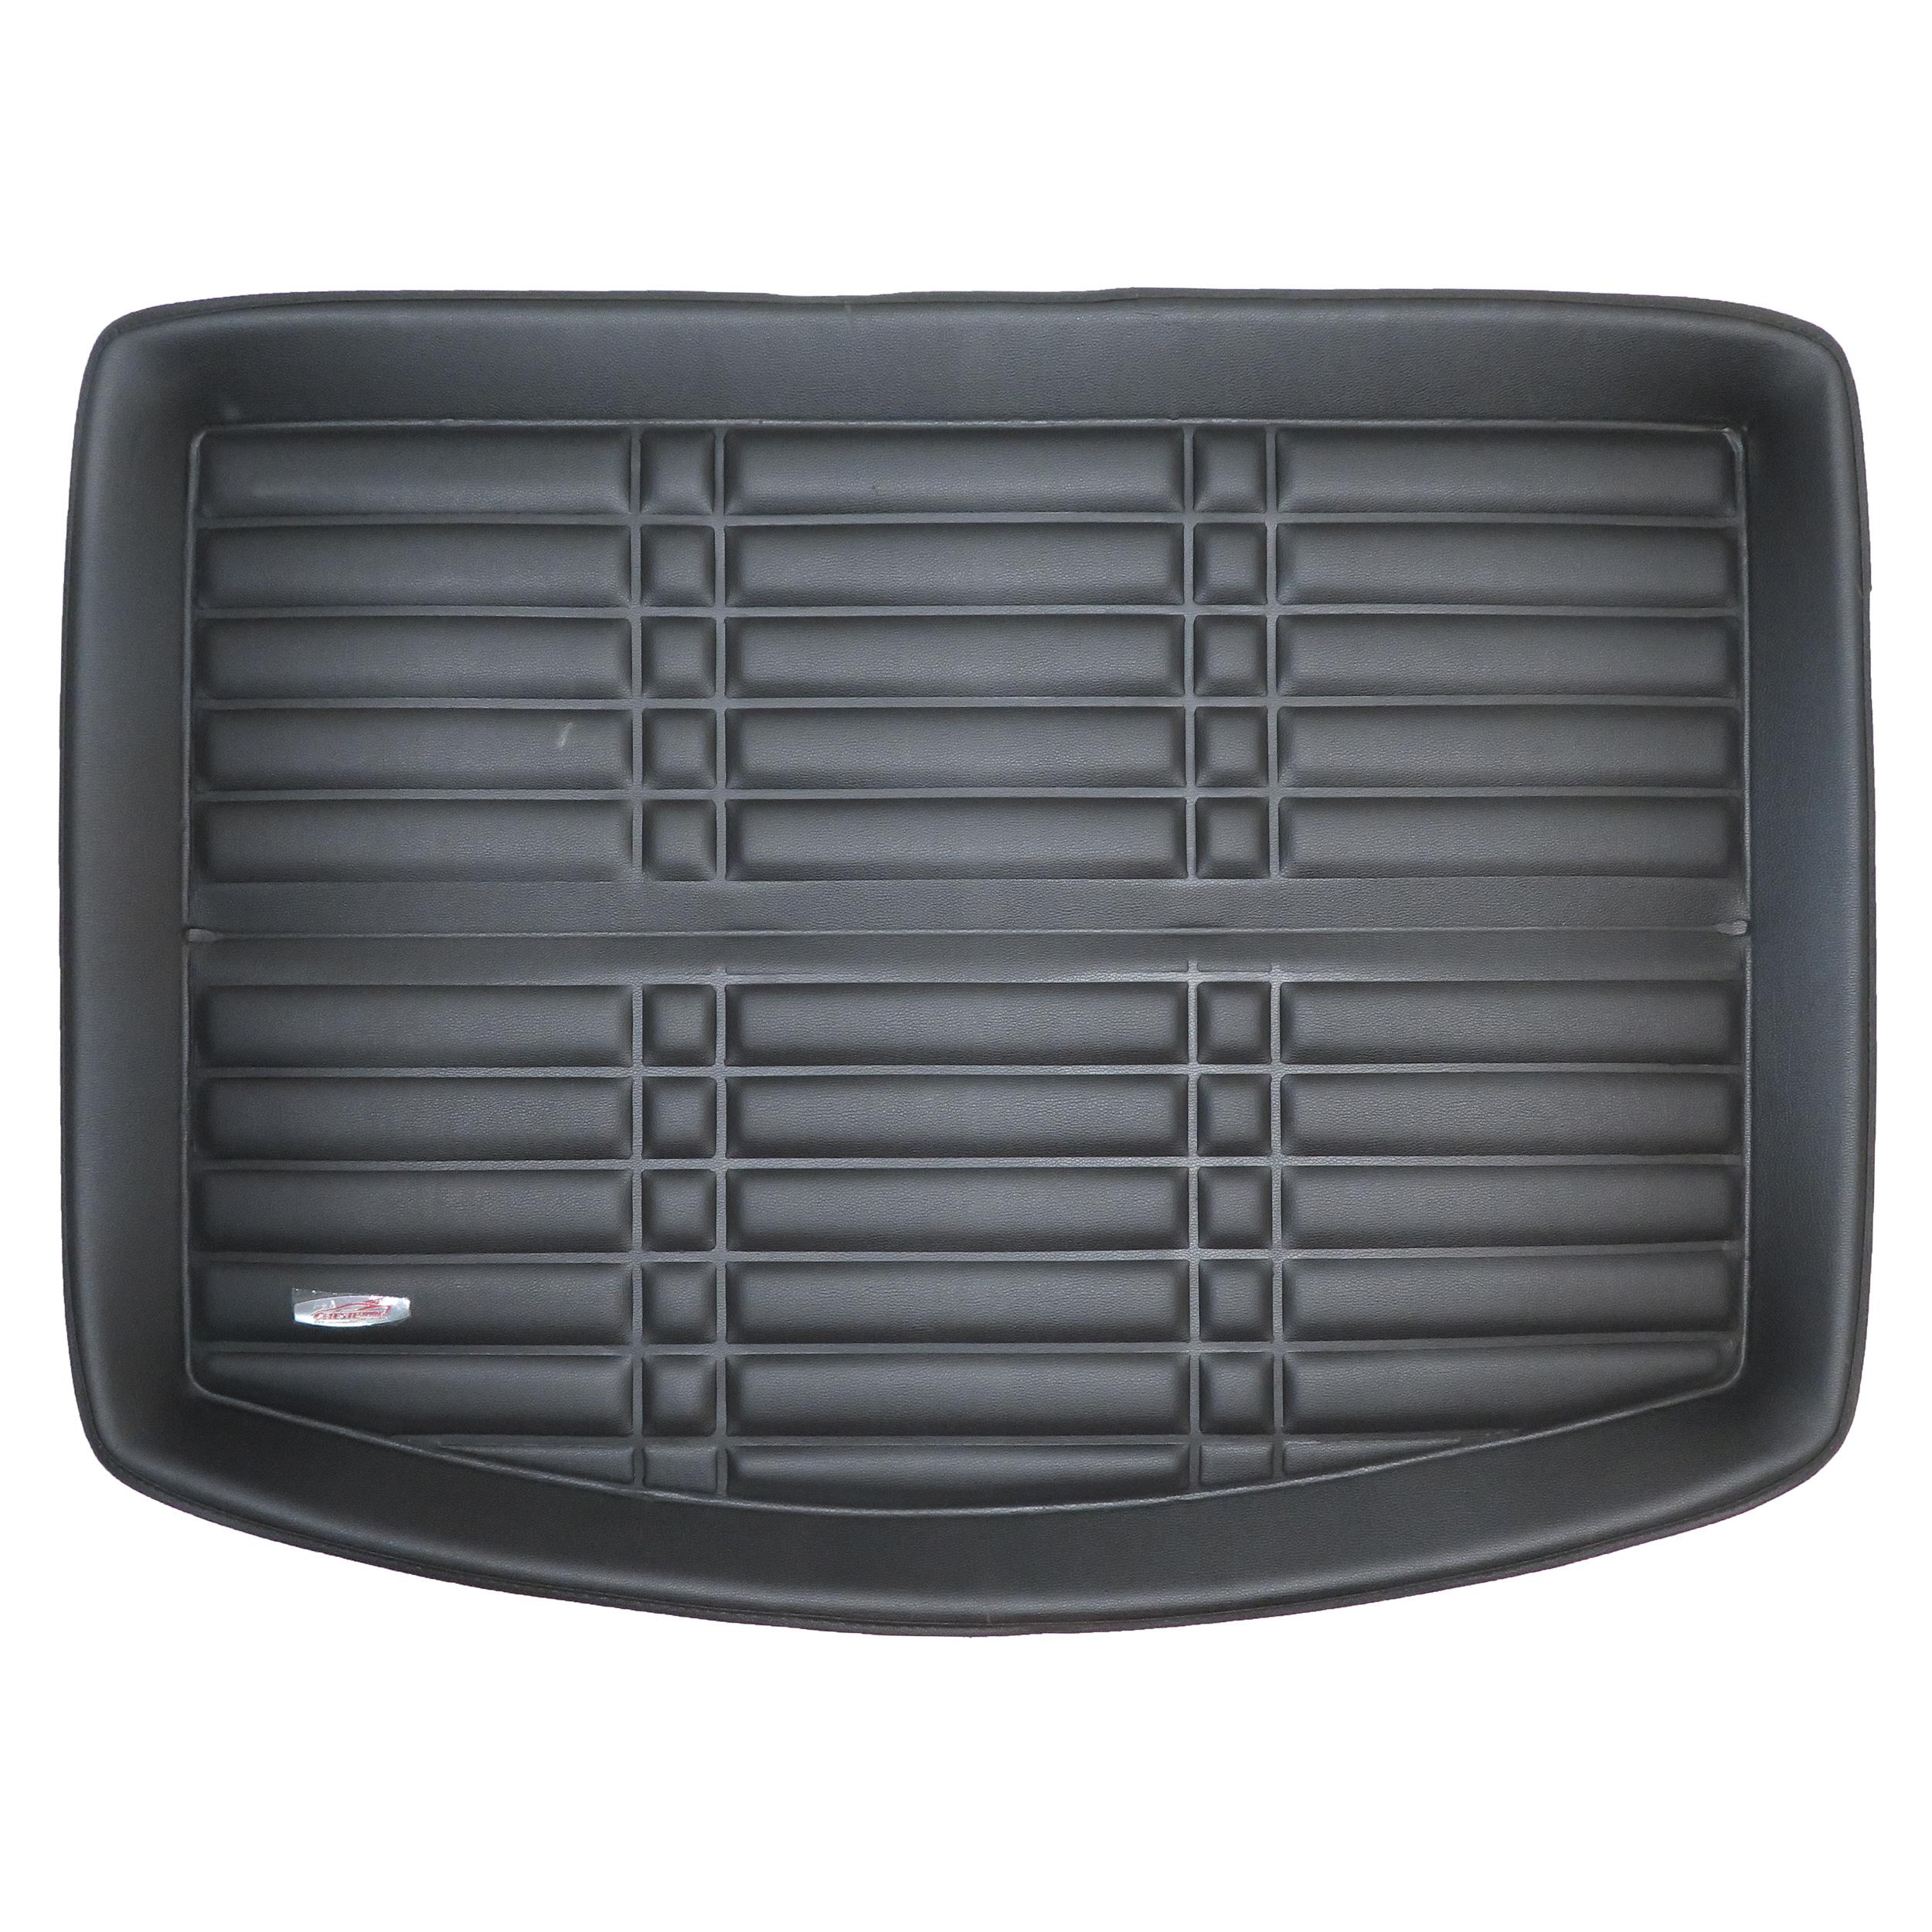 کفپوش سه بعدی صندوق خودرو مدل cct مناسب برای دانگ فنگ اچ 30 کراس